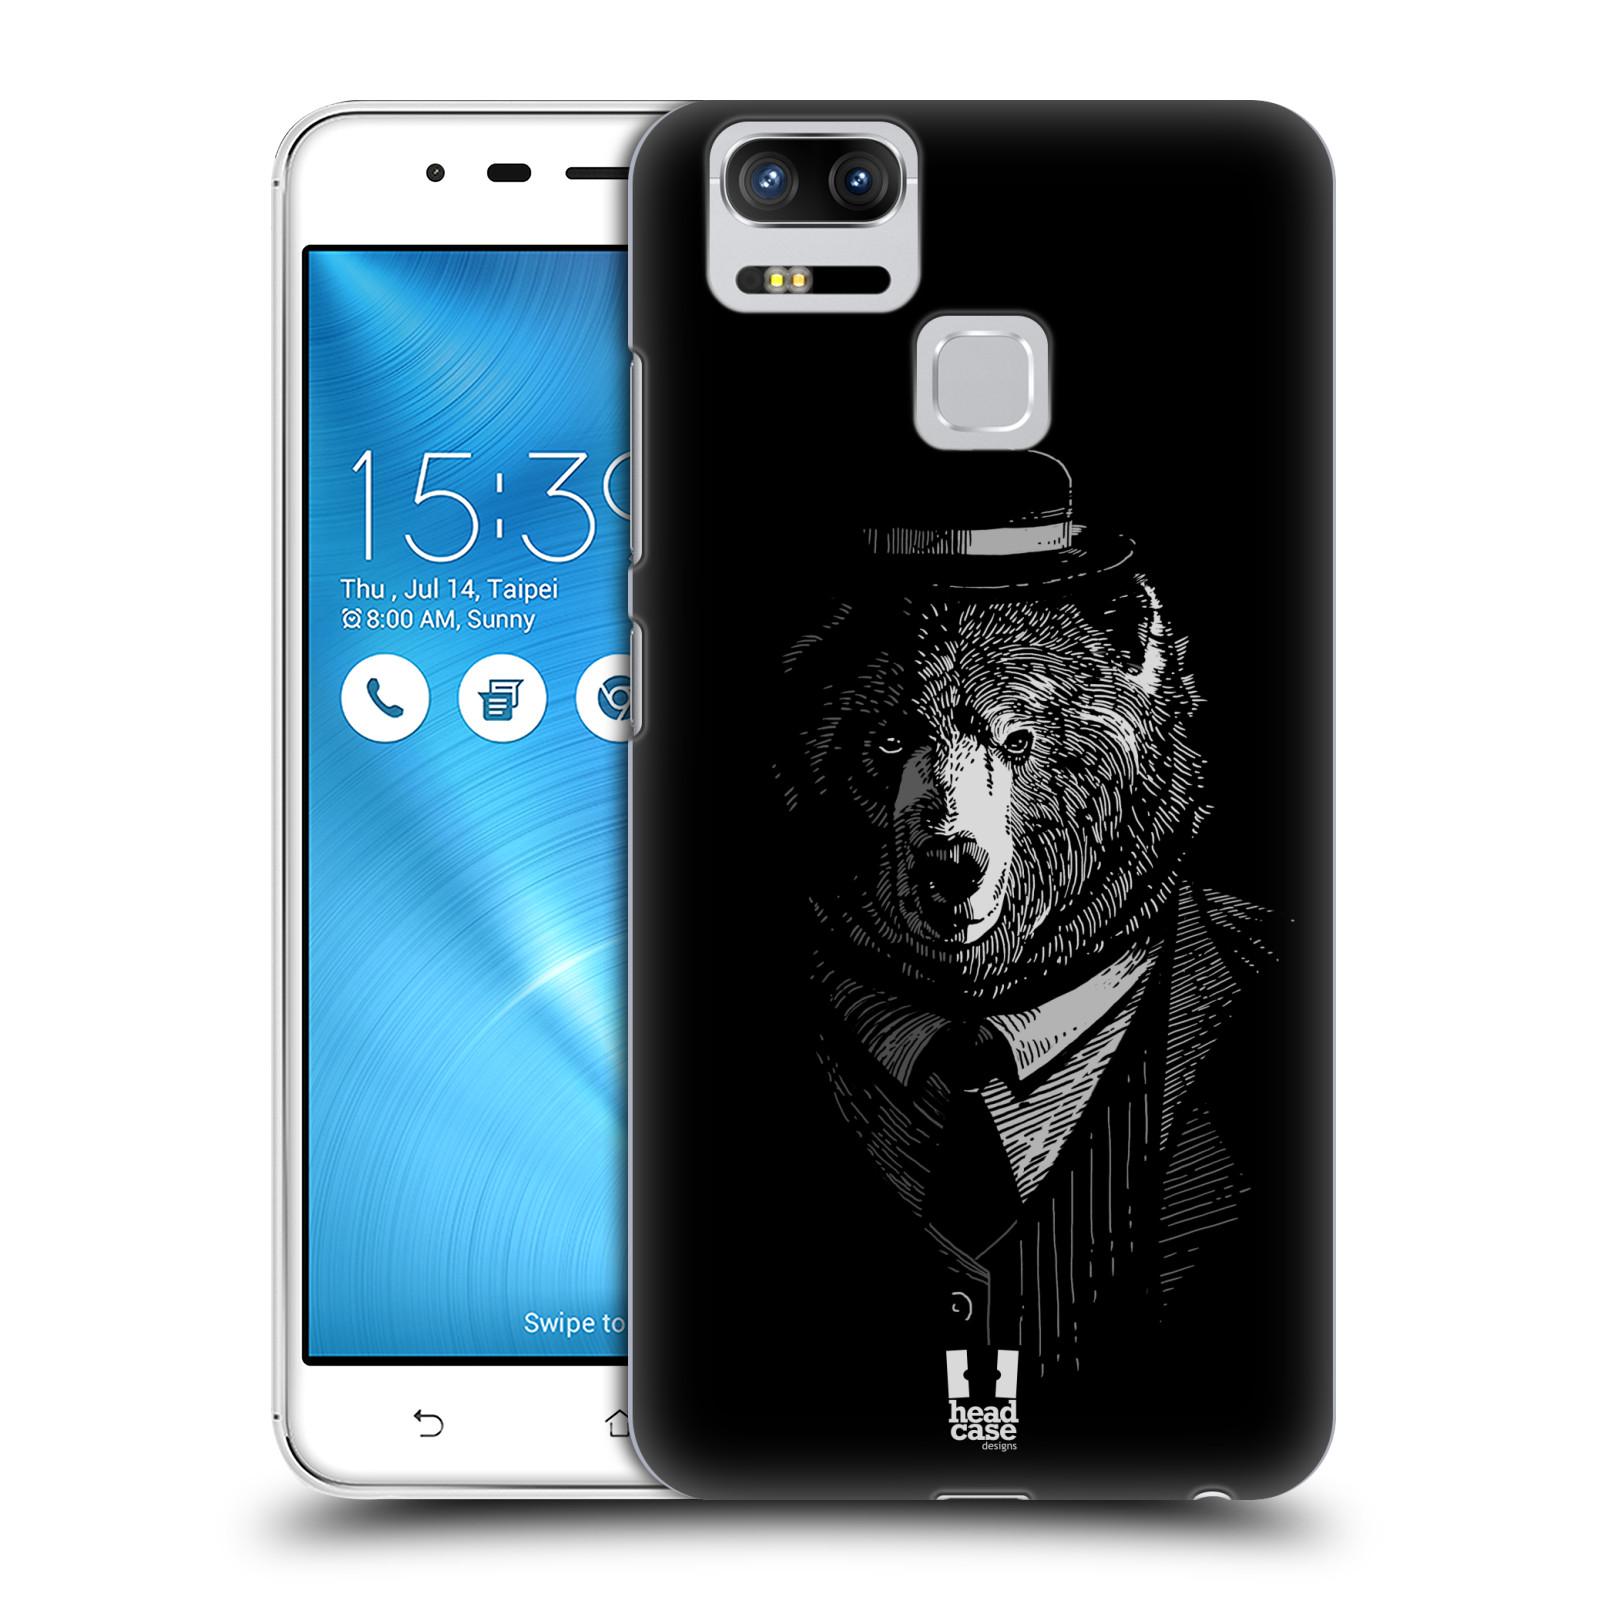 Plastové pouzdro na mobil Asus ZenFone 3 ZOOM ZE553KL - Head Case - MEDVĚD V KVÁDRU (Plastový kryt či obal na mobilní telefon Asus ZenFone 3 ZOOM ZE553KL s motivem MEDVĚD V KVÁDRU)